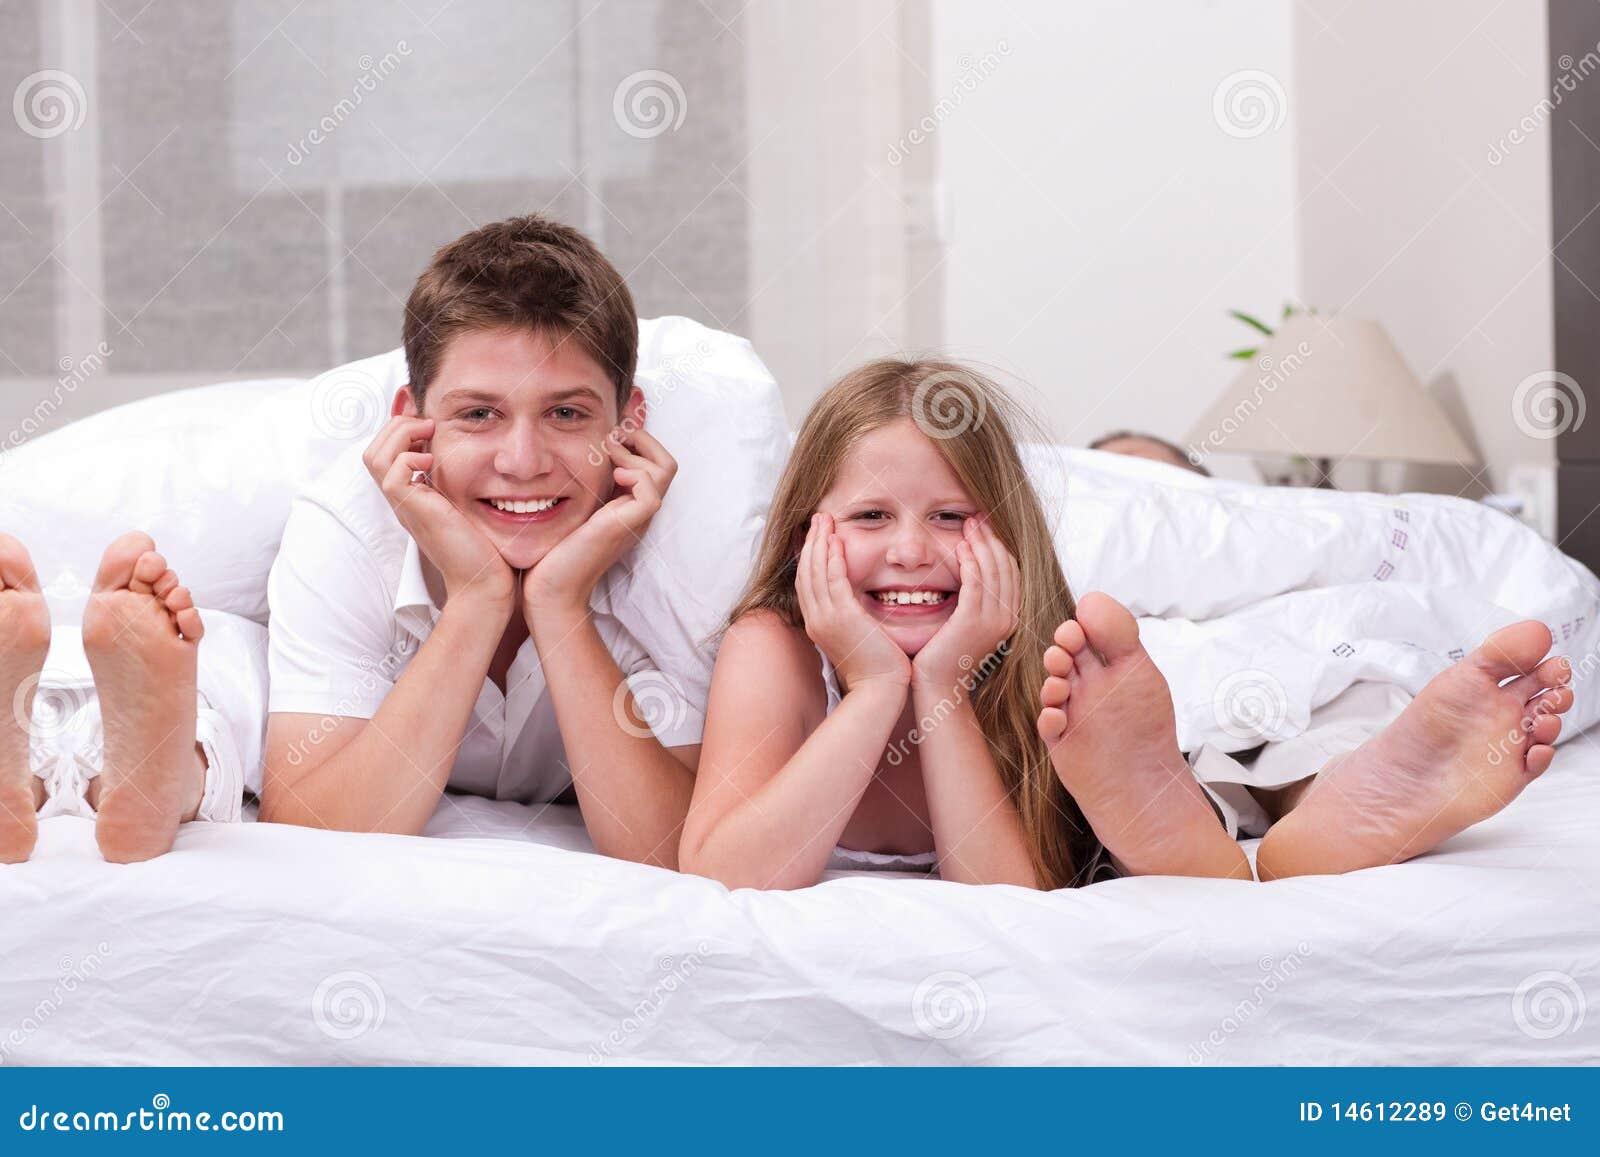 Фото сестра и брат в постели 10 фотография